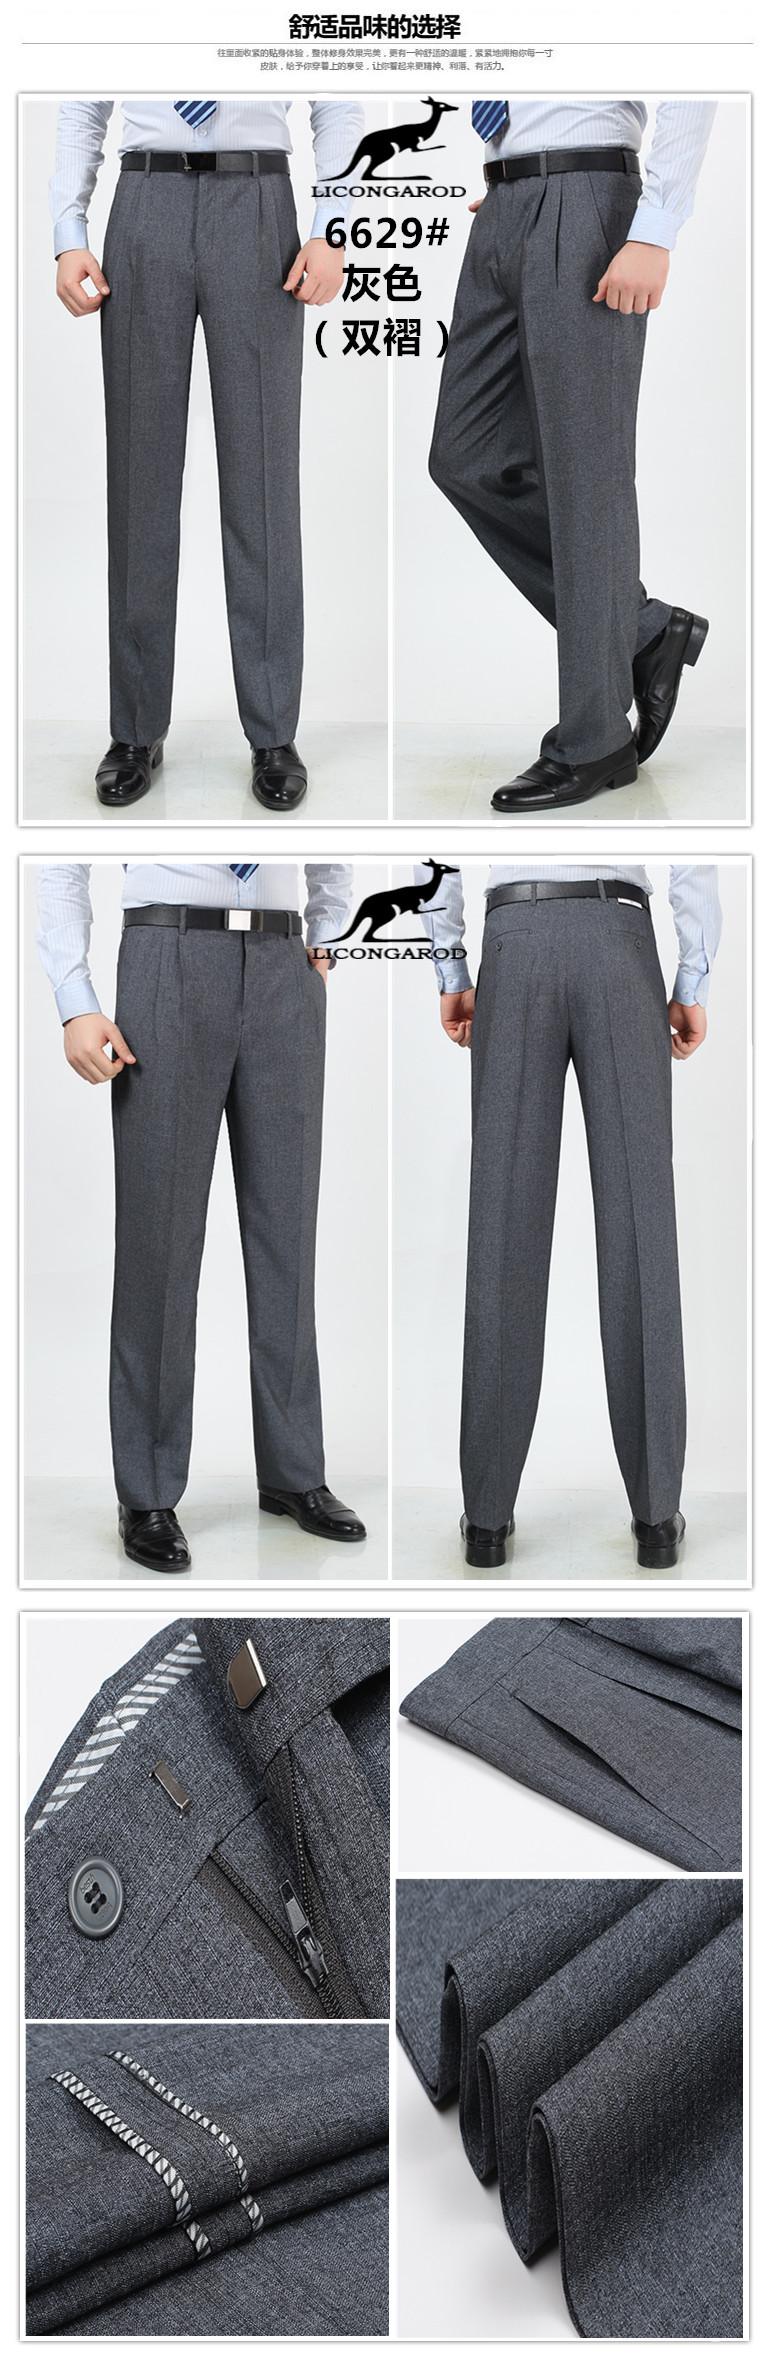 Mùa xuân và mùa hè phần mỏng giữa và già tuổi đôi xếp li quần miễn phí nóng kinh doanh bình thường quần cao eo lỏng giữa tuổi kích thước lớn phù hợp với quần nam